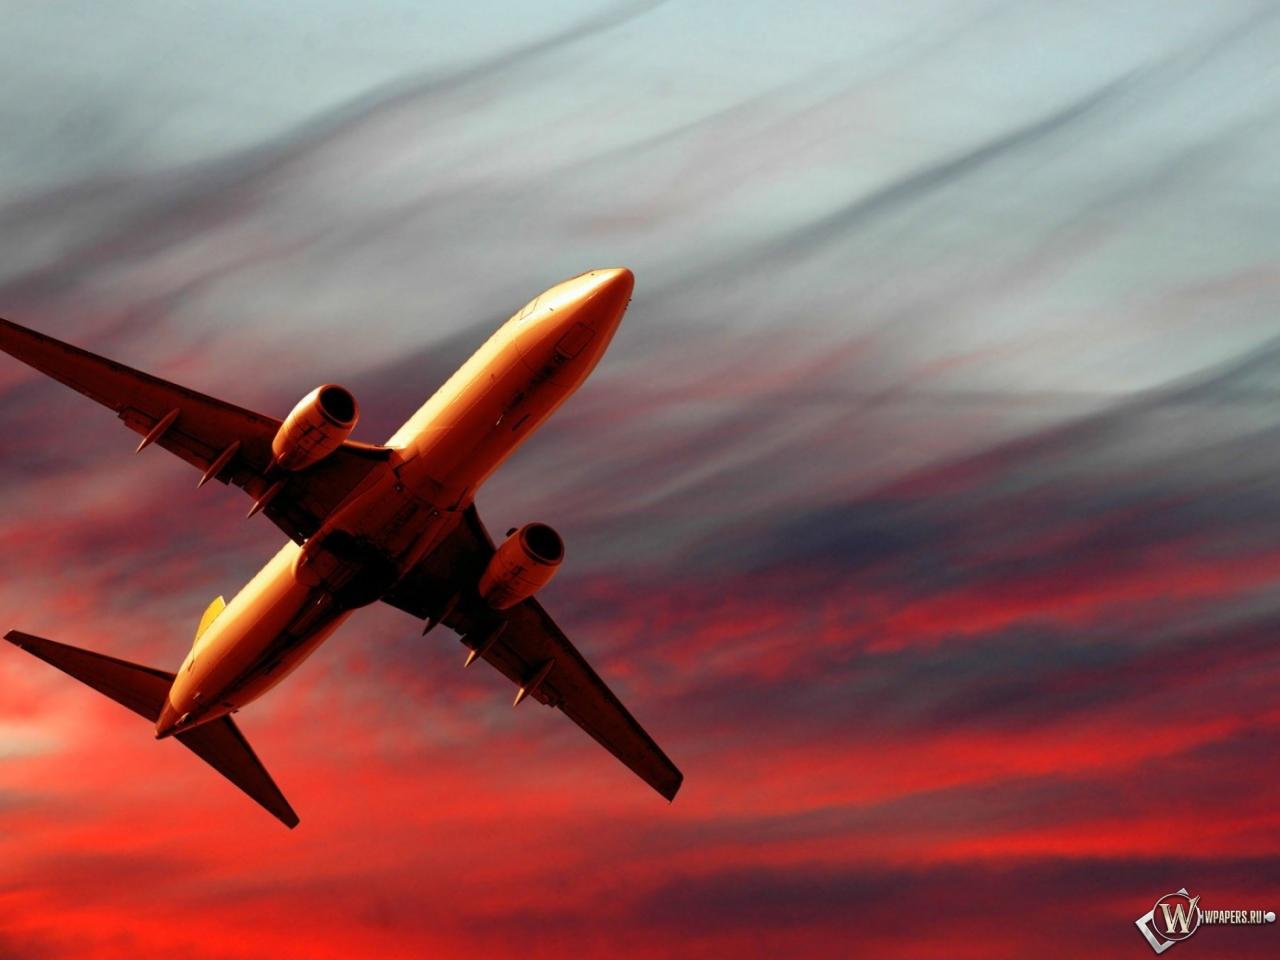 Полет самолета на закате 1280x960